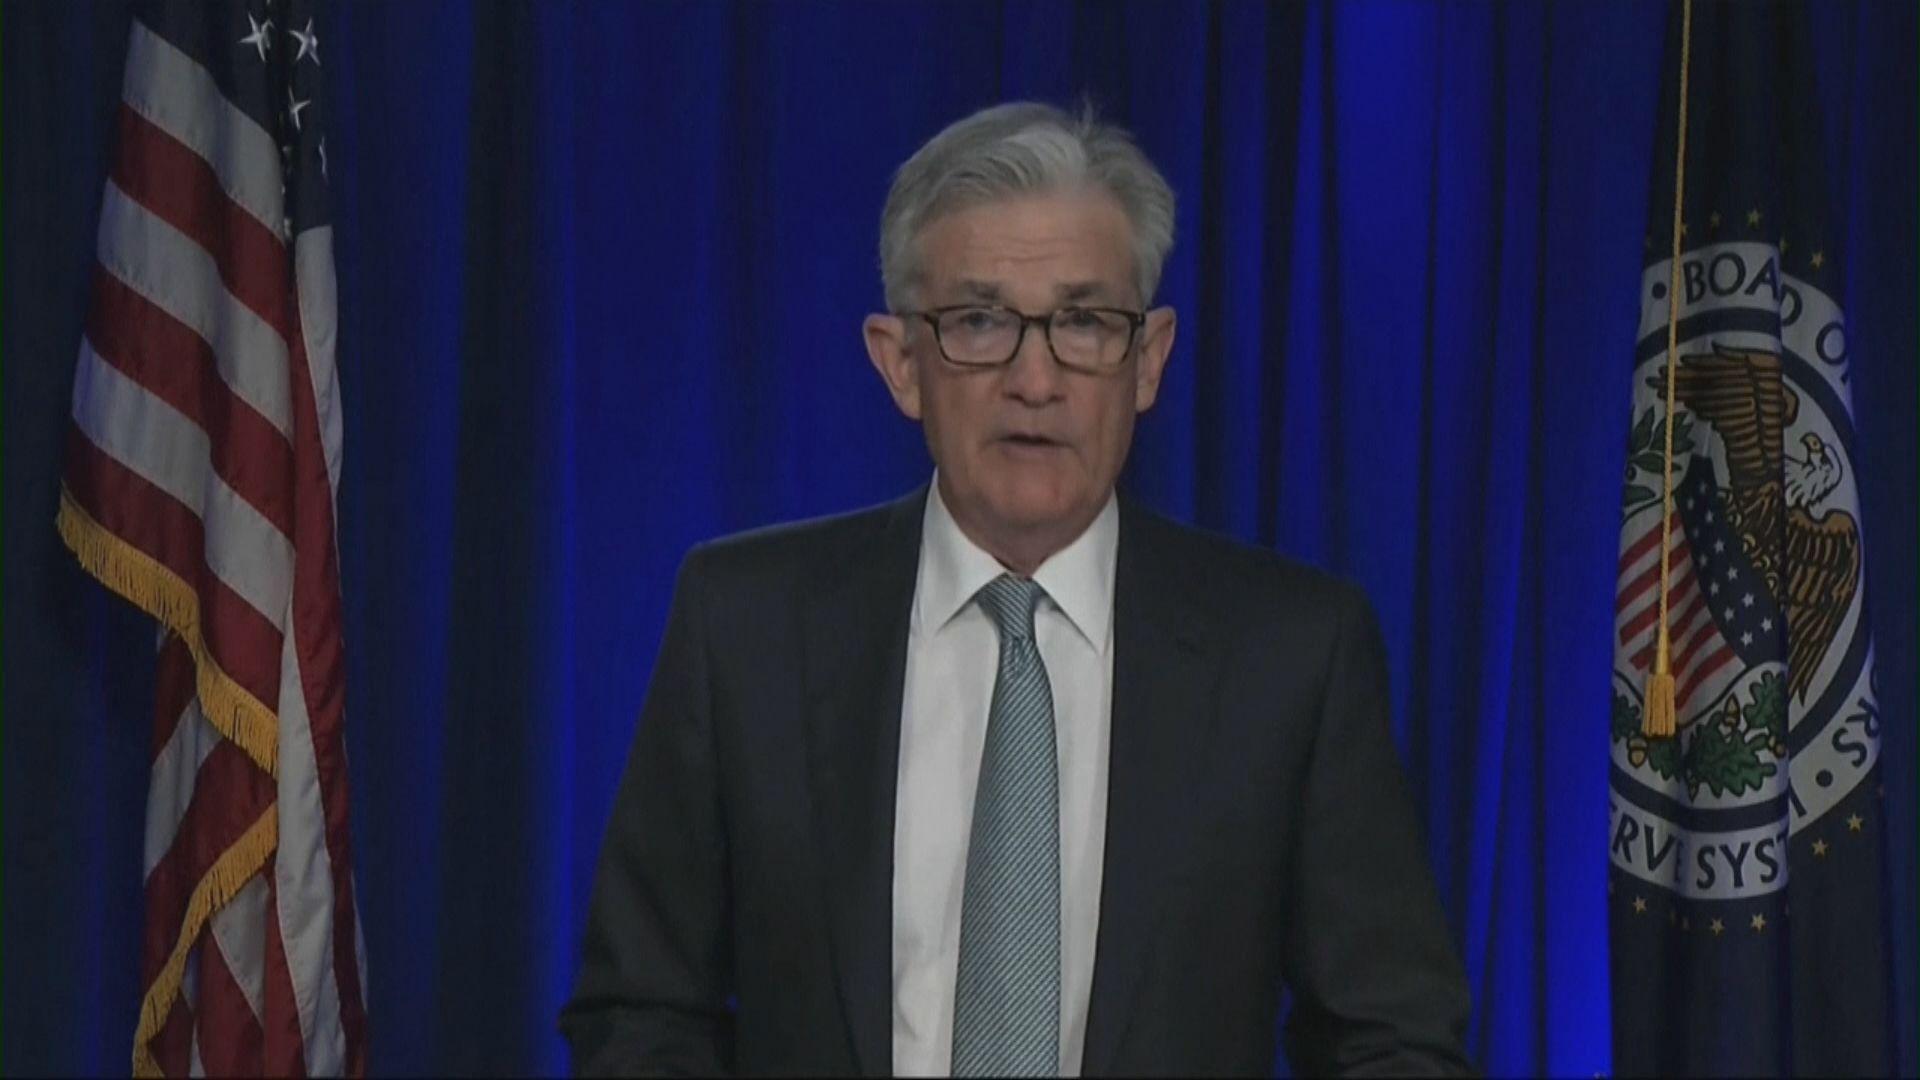 鮑威爾:今年美國經濟增長很大機會是非常強勁的一年